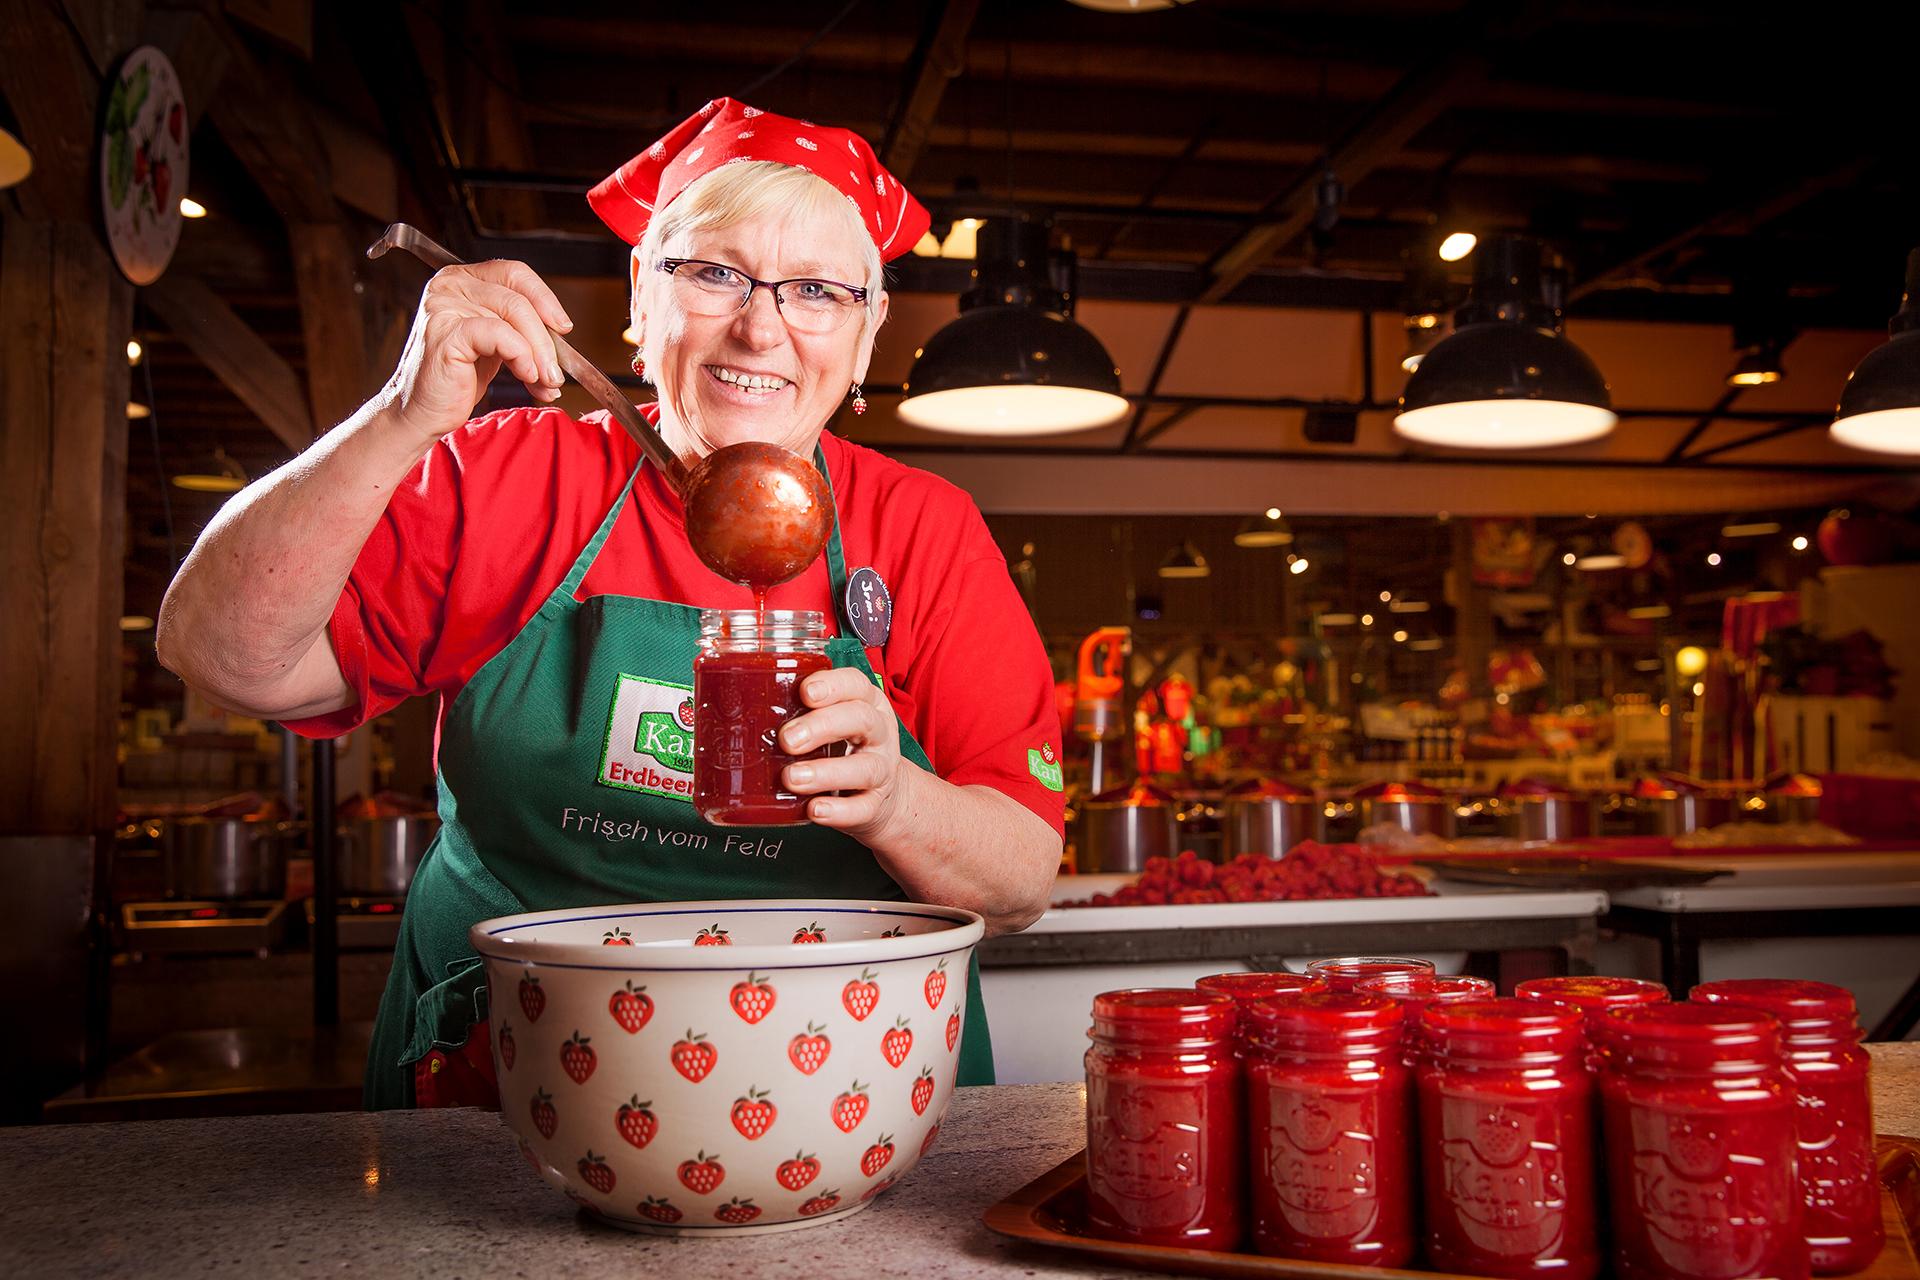 Marmeladen-Köchin bei der Arbeit Rövershagen